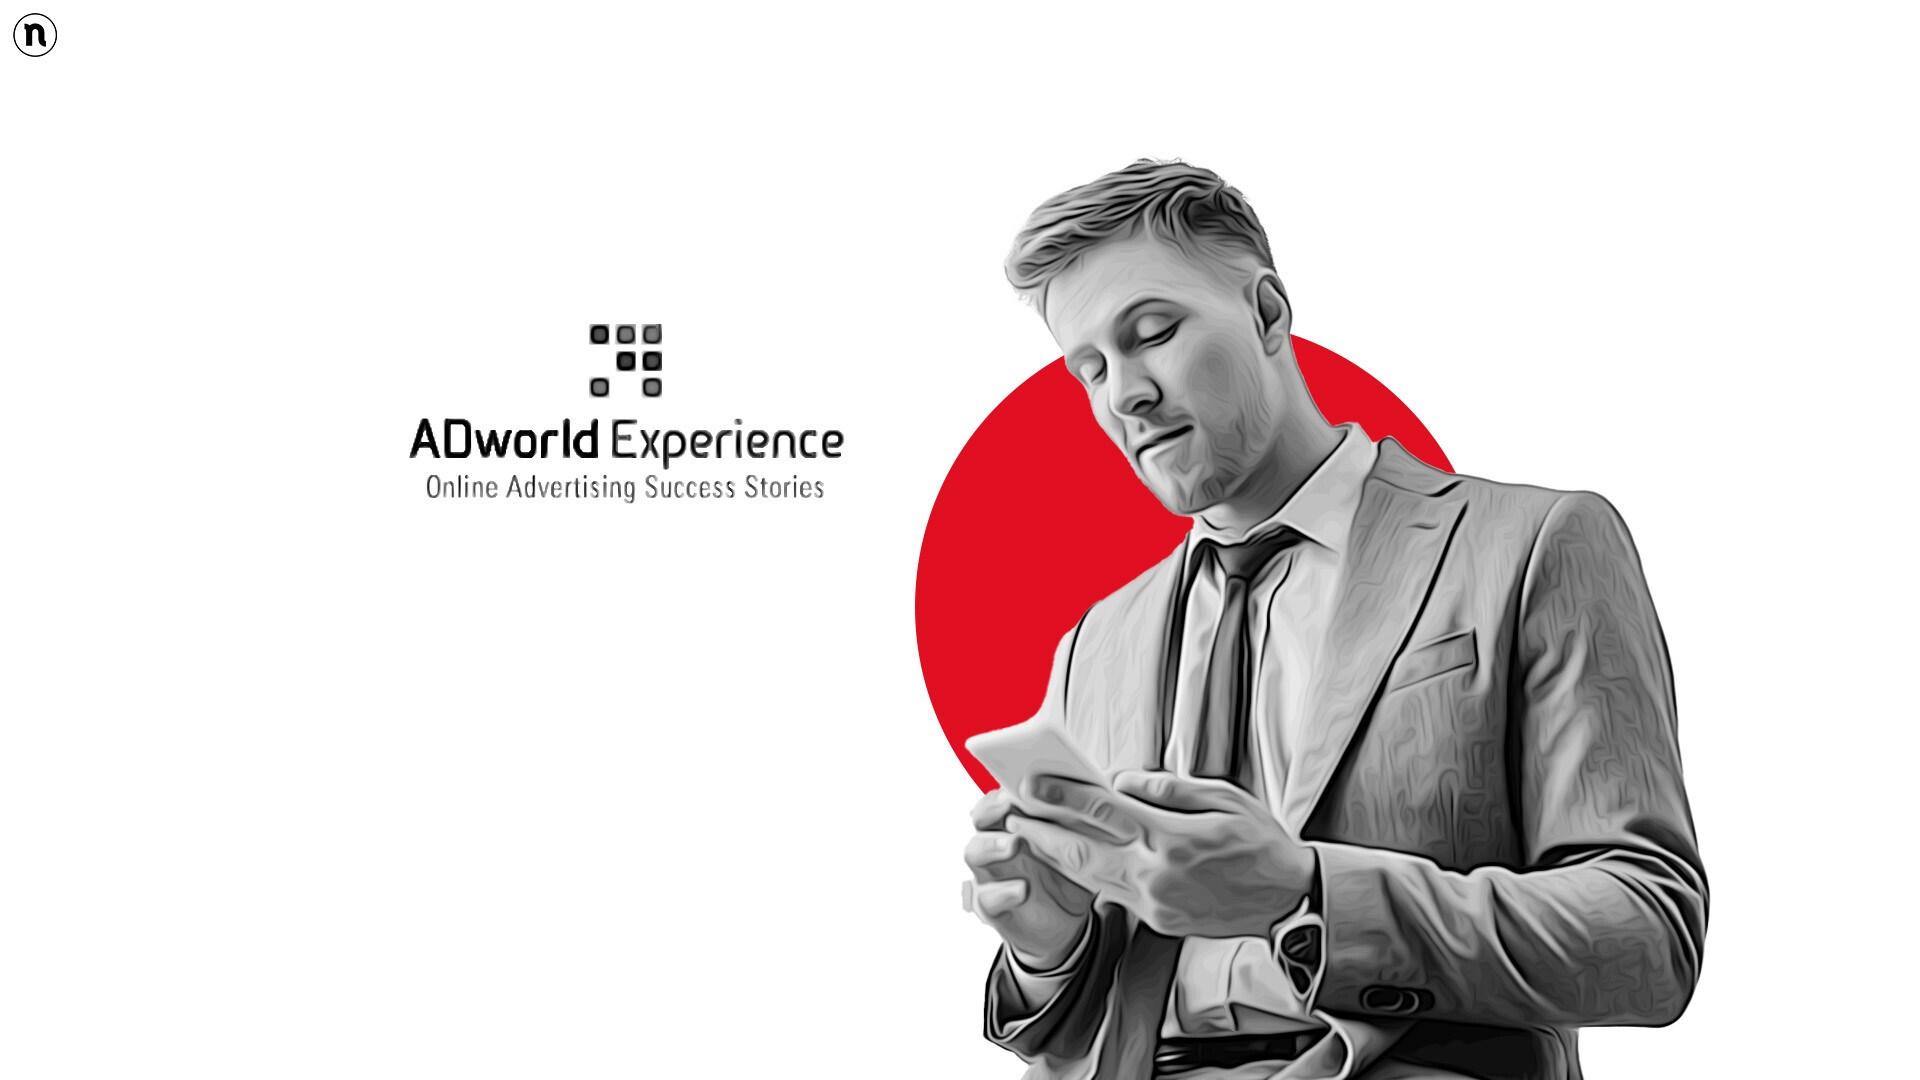 Cookieless: sfide e opportunità raccontate dai protagonisti di ADworld Experience 2021